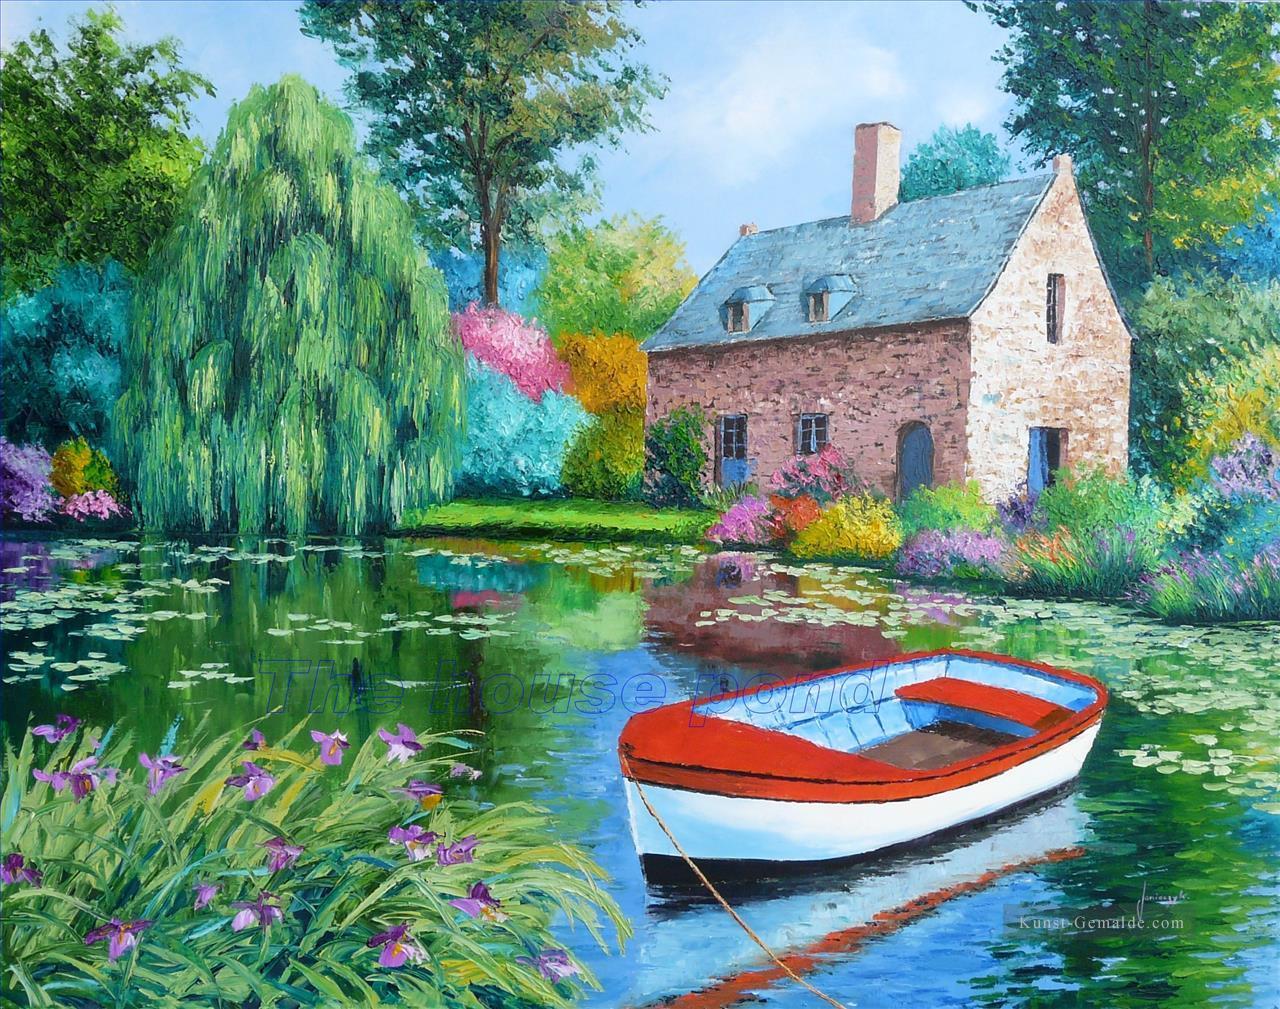 Haus Teich Garten Gemälde Mit öl Zu Verkaufen